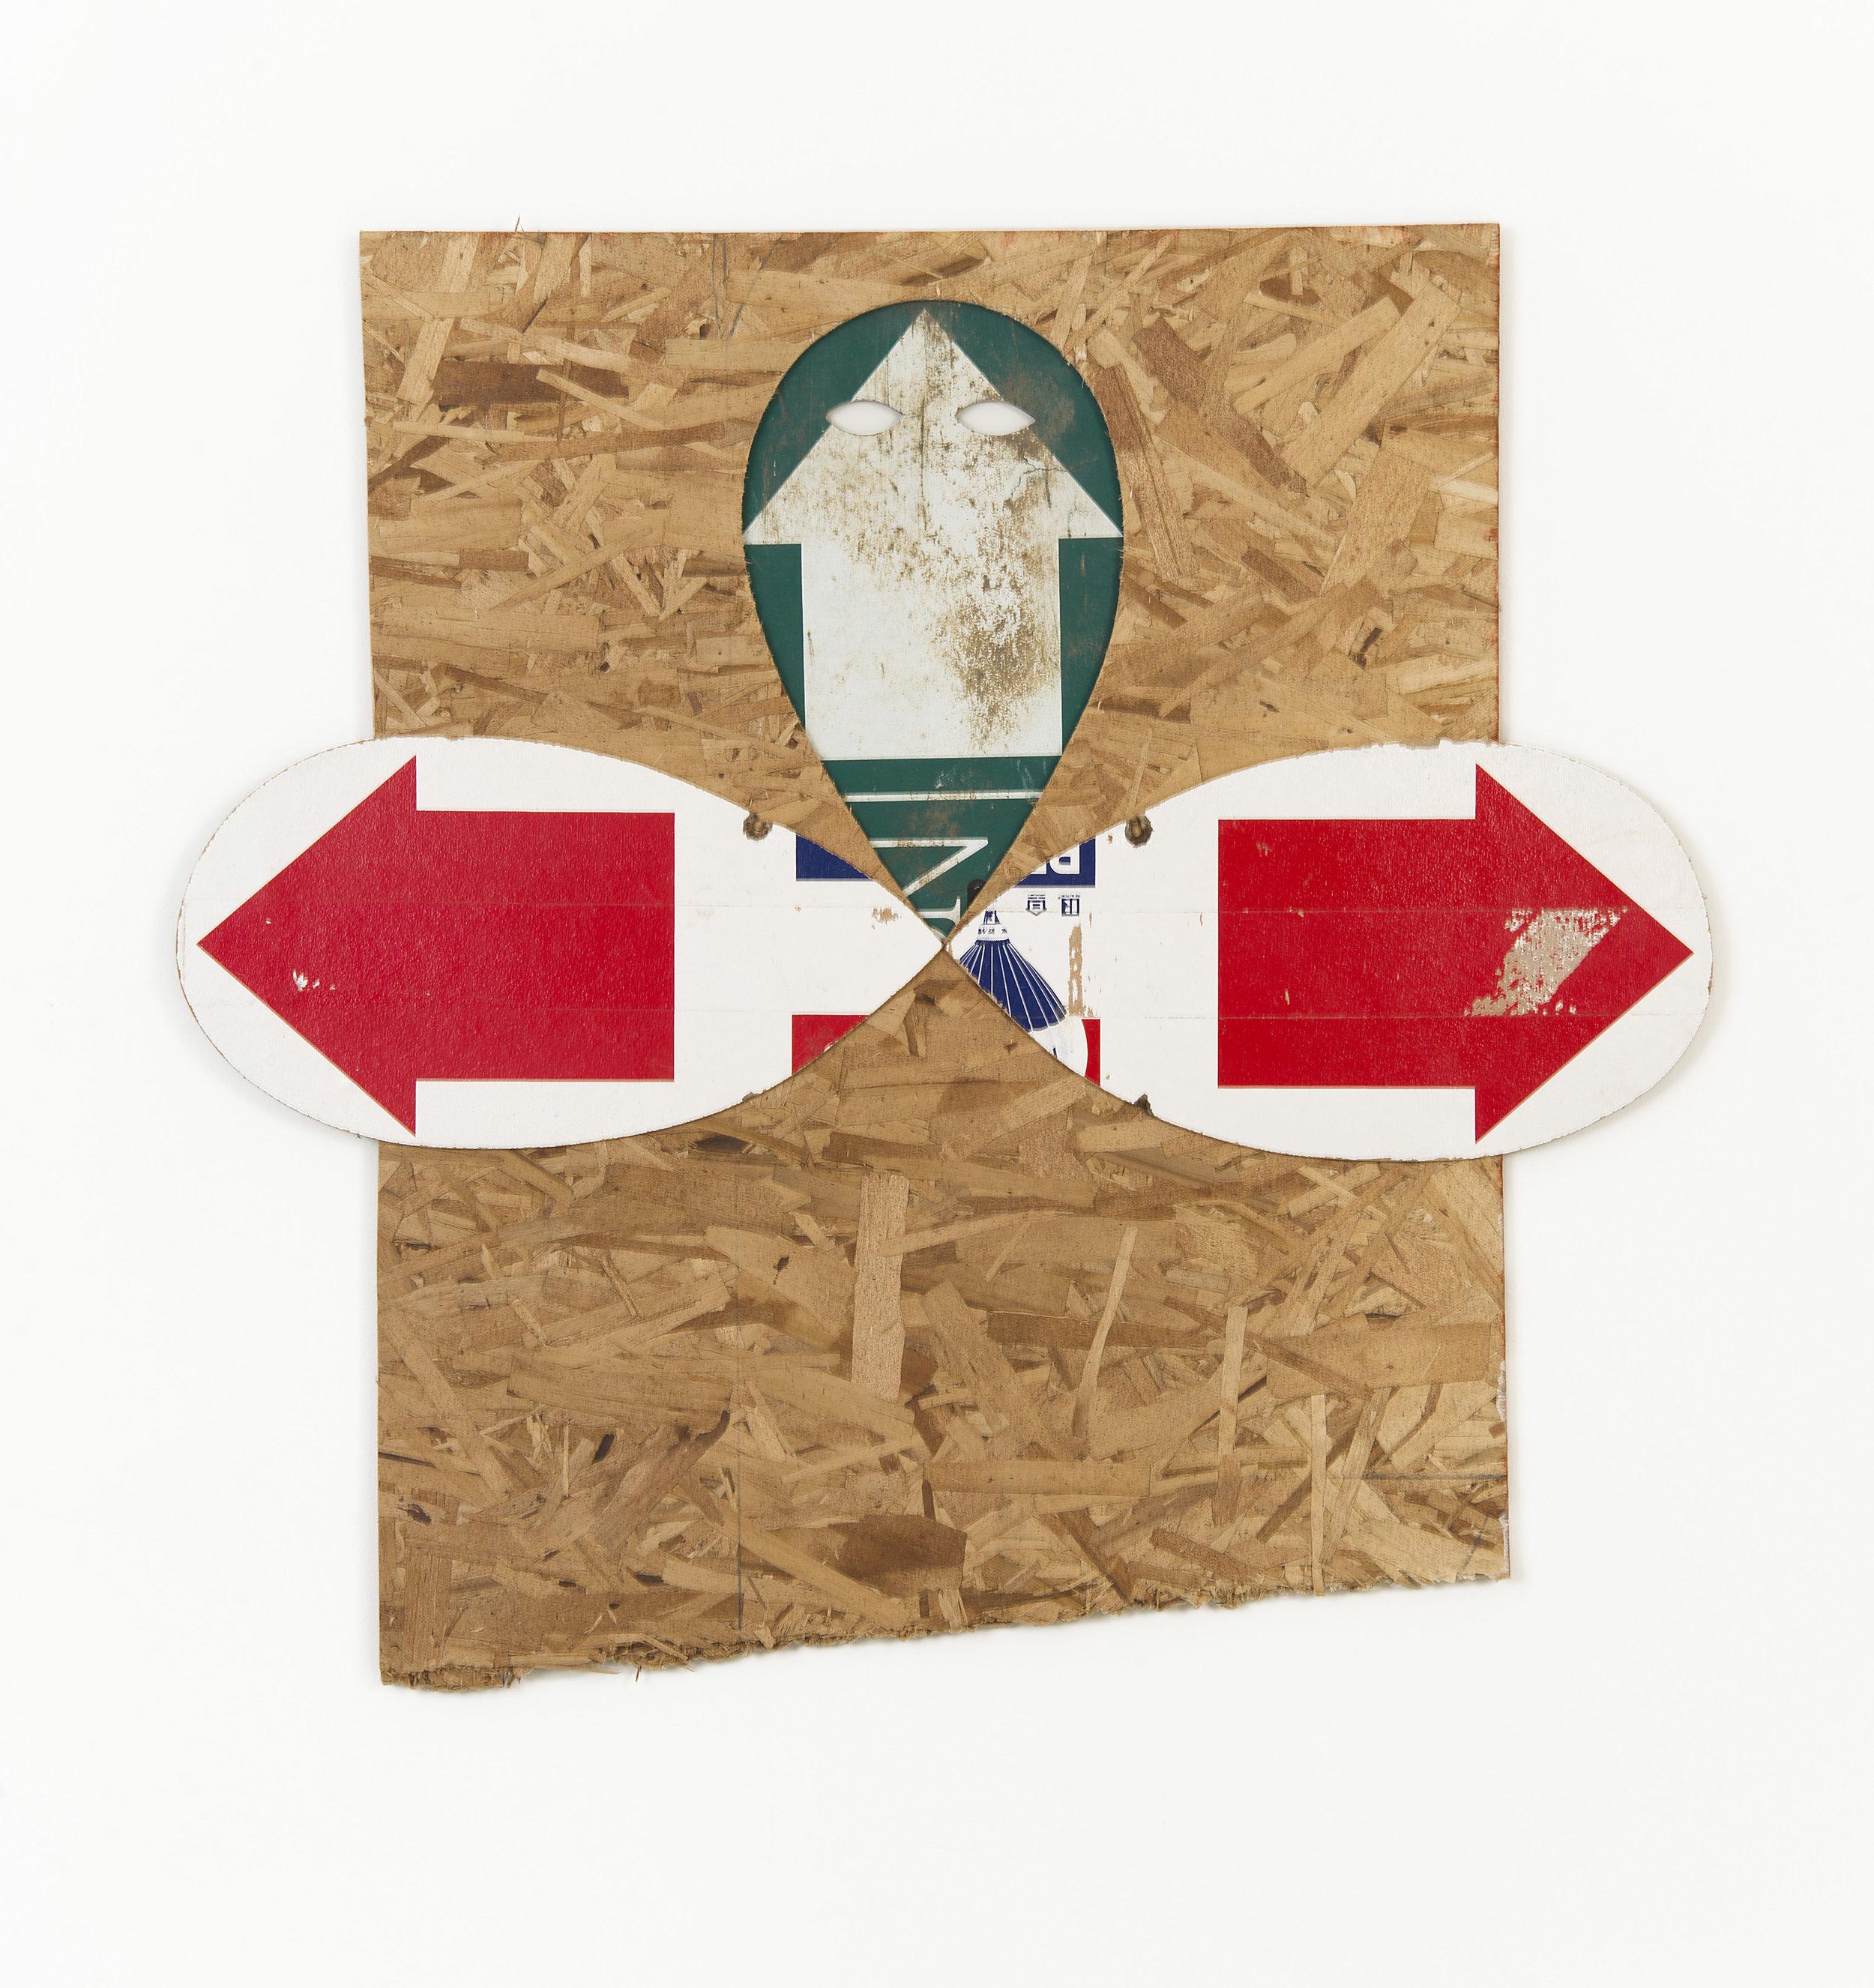 No Title (arrows), 2014